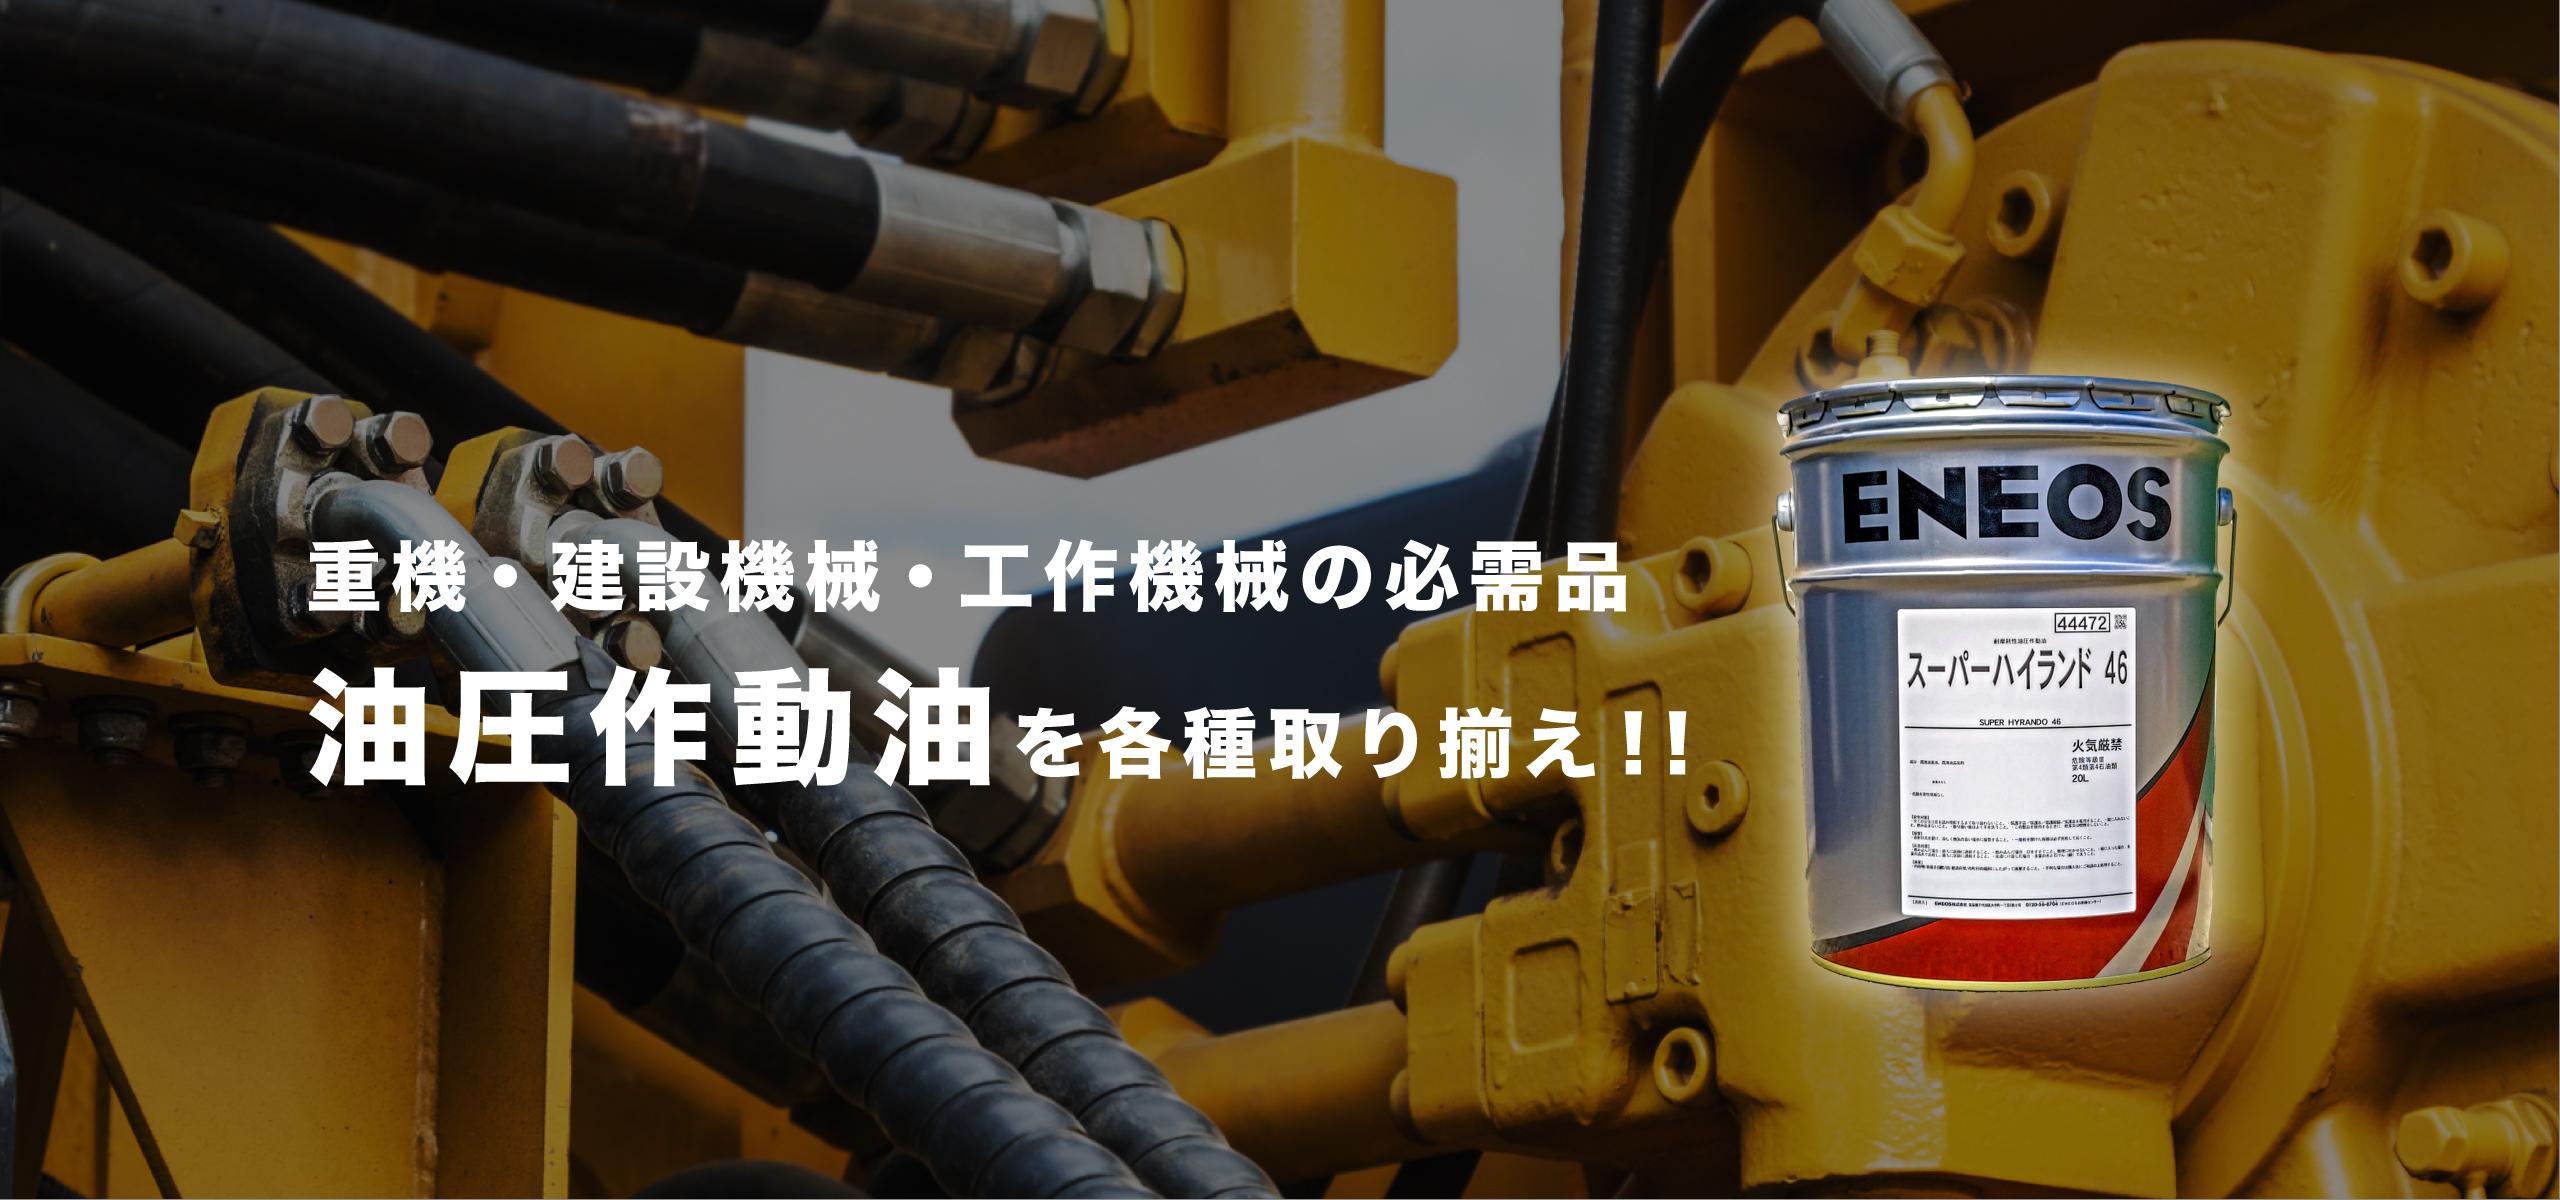 重機・建設機械・工作機械の必需品油圧作動油を各種取り揃え!!